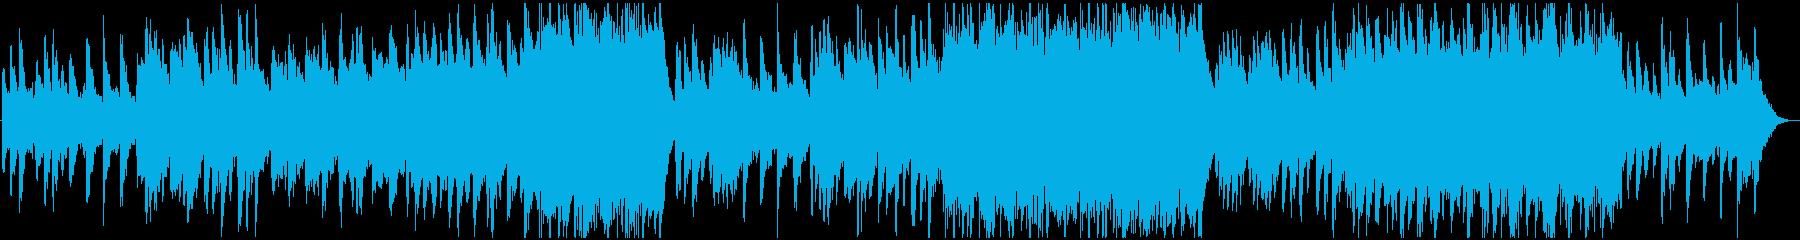 ピアノと弦の幸福感のある優しいBGMの再生済みの波形